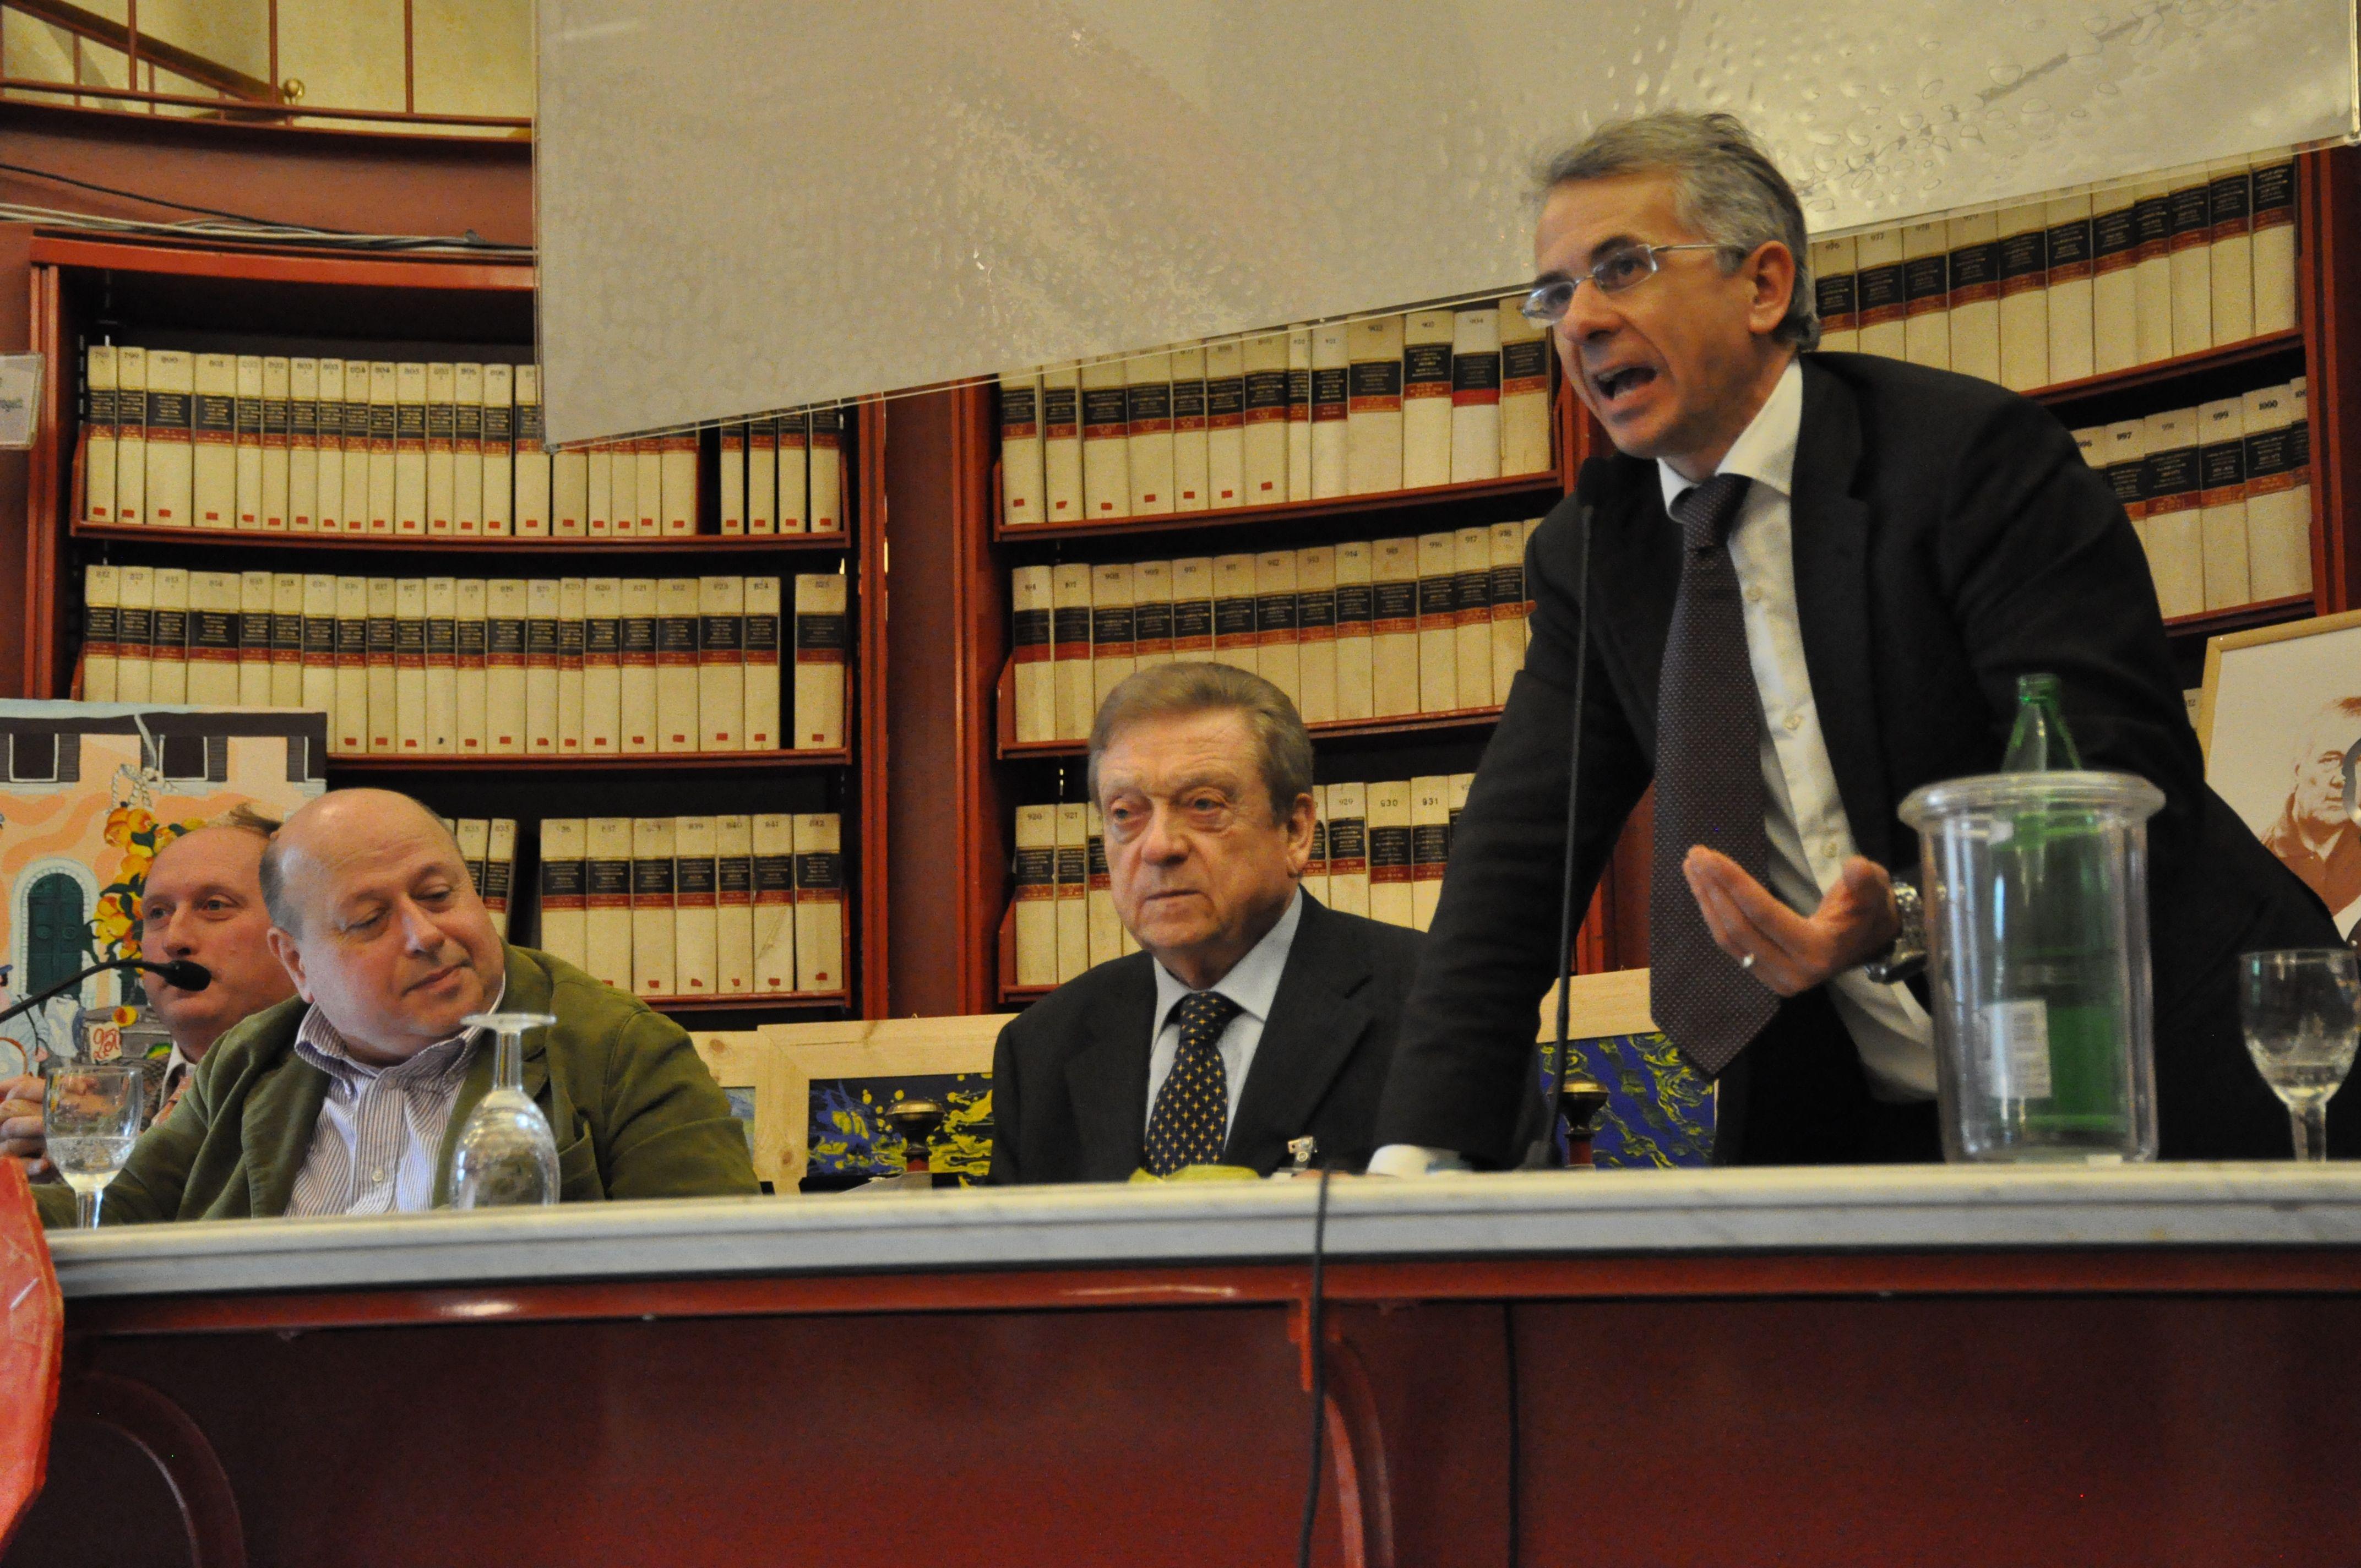 Roberto Mattioli con Riccardo Romagnoli presidente Ameria Festival durante l'intervento del sottosegretario alla Giustizia On.le Cosimo Ferri